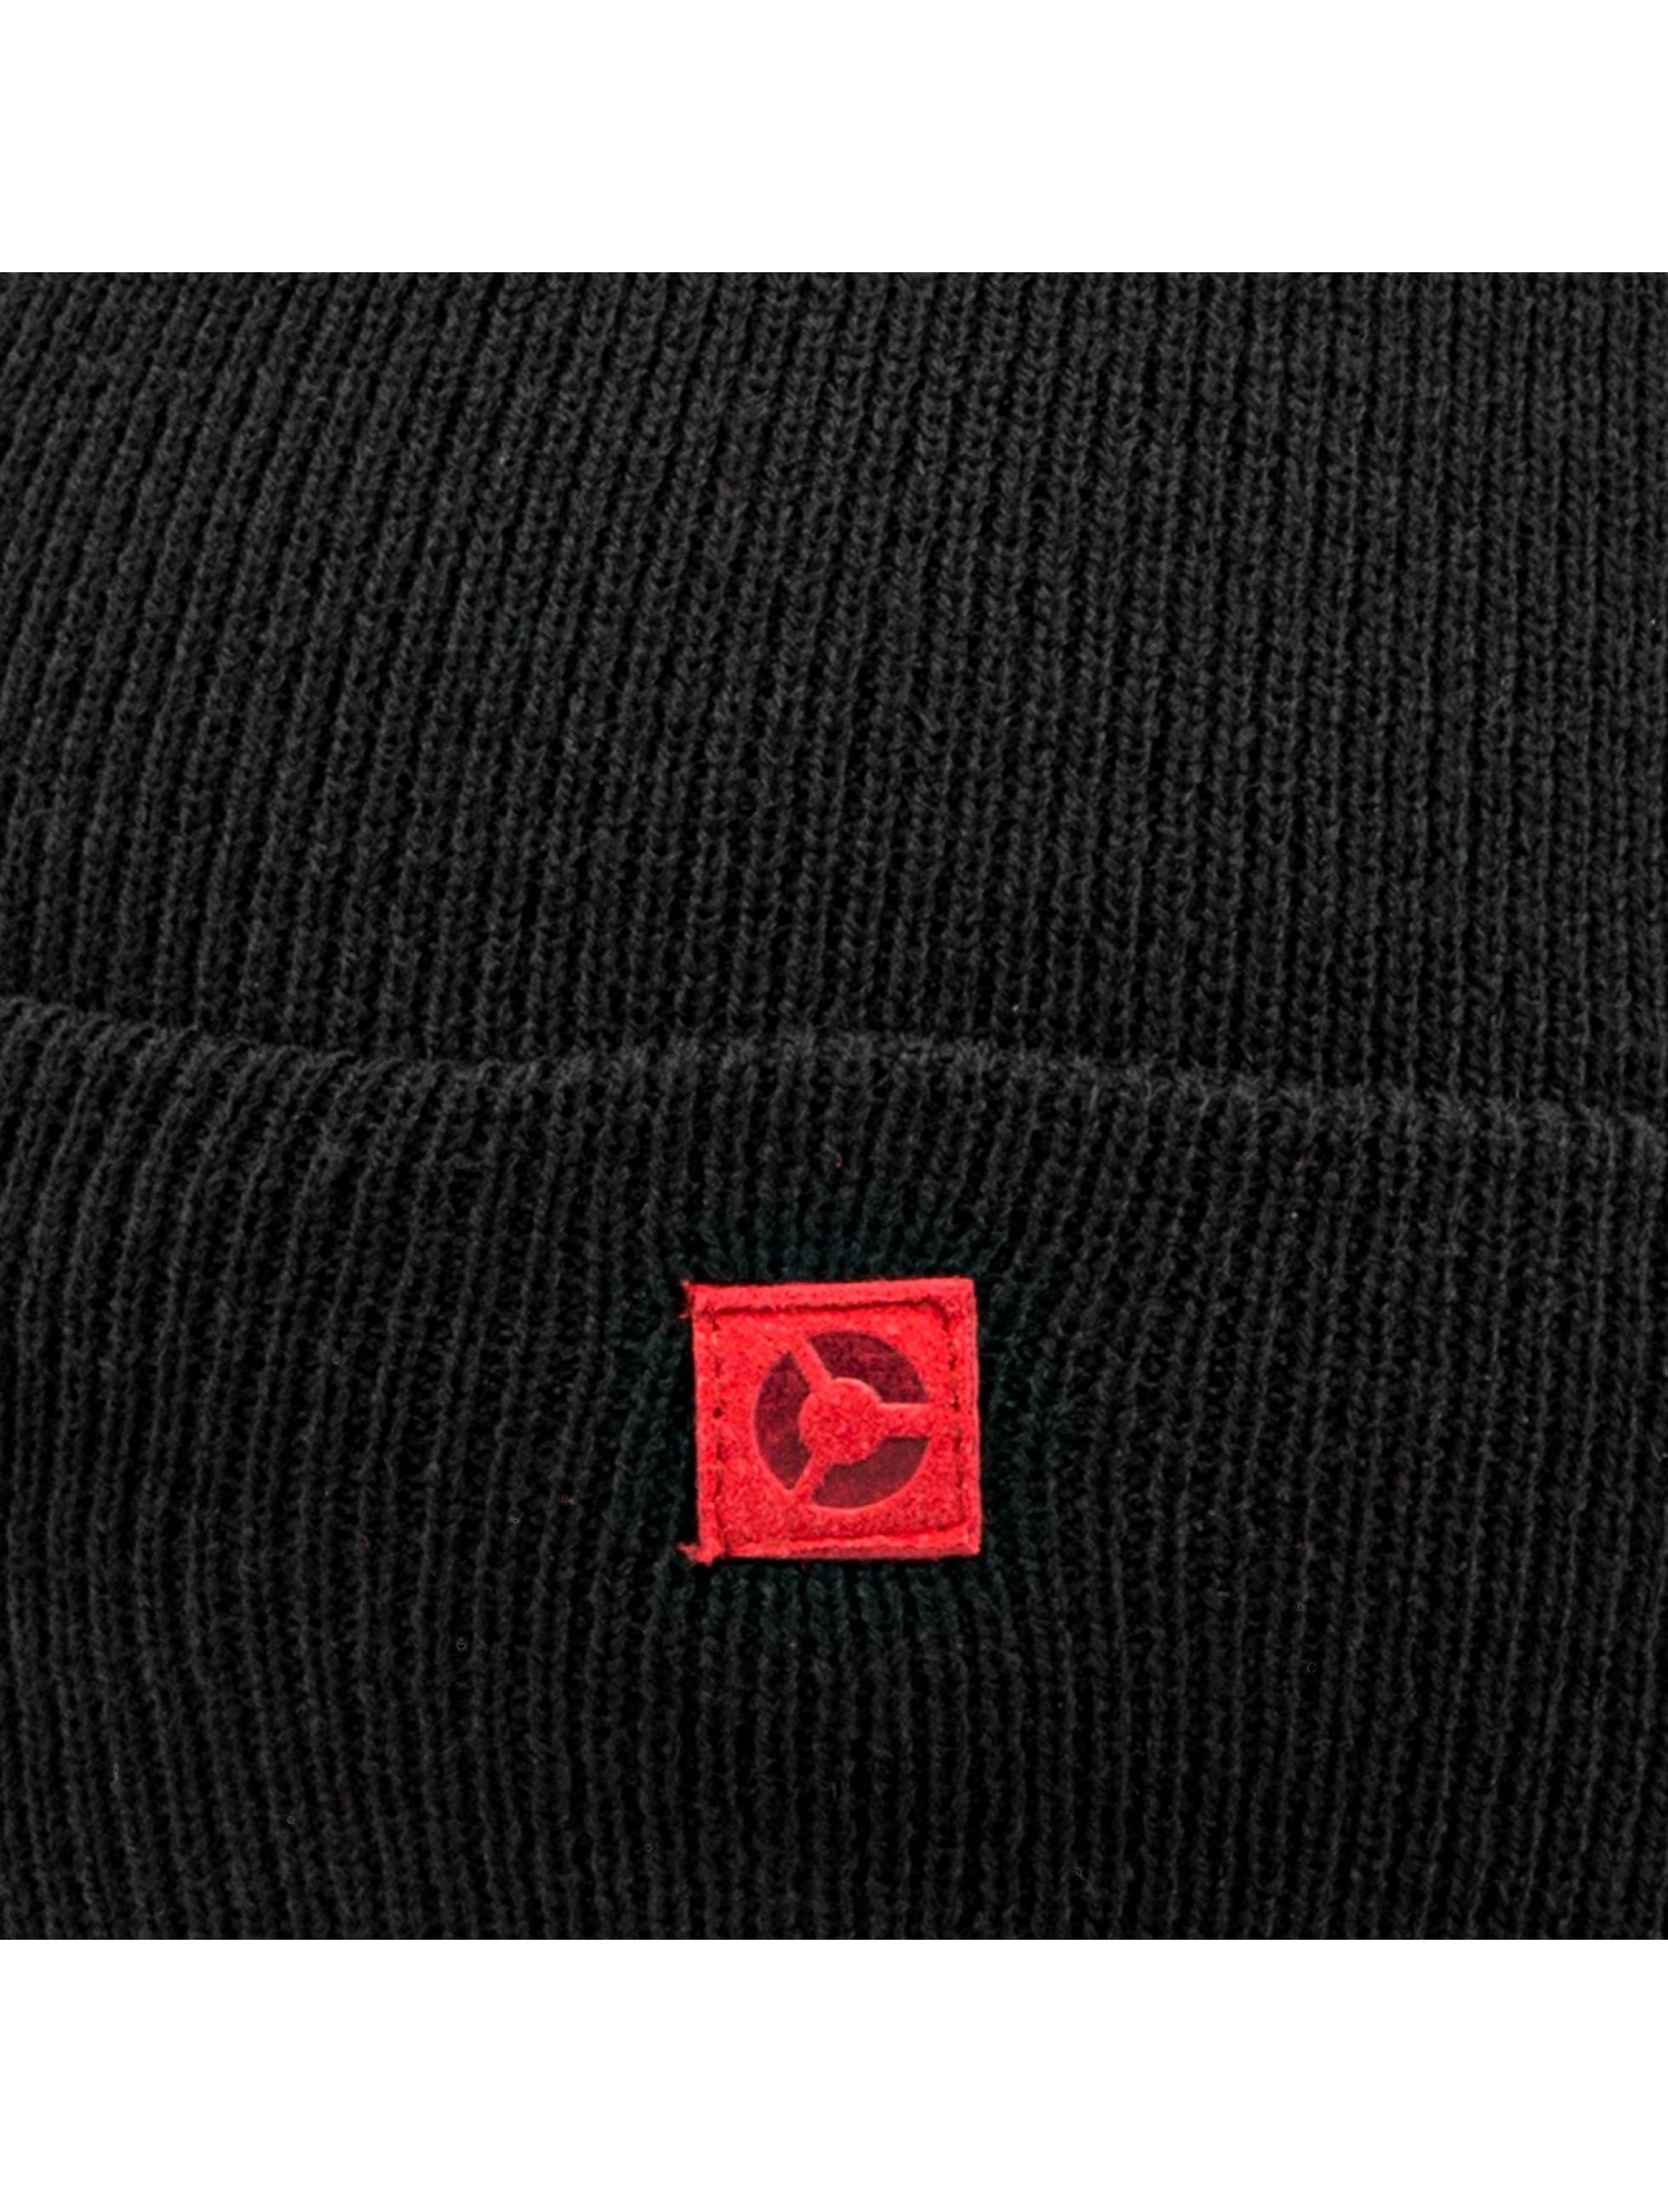 MSTRDS шляпа K Letter черный